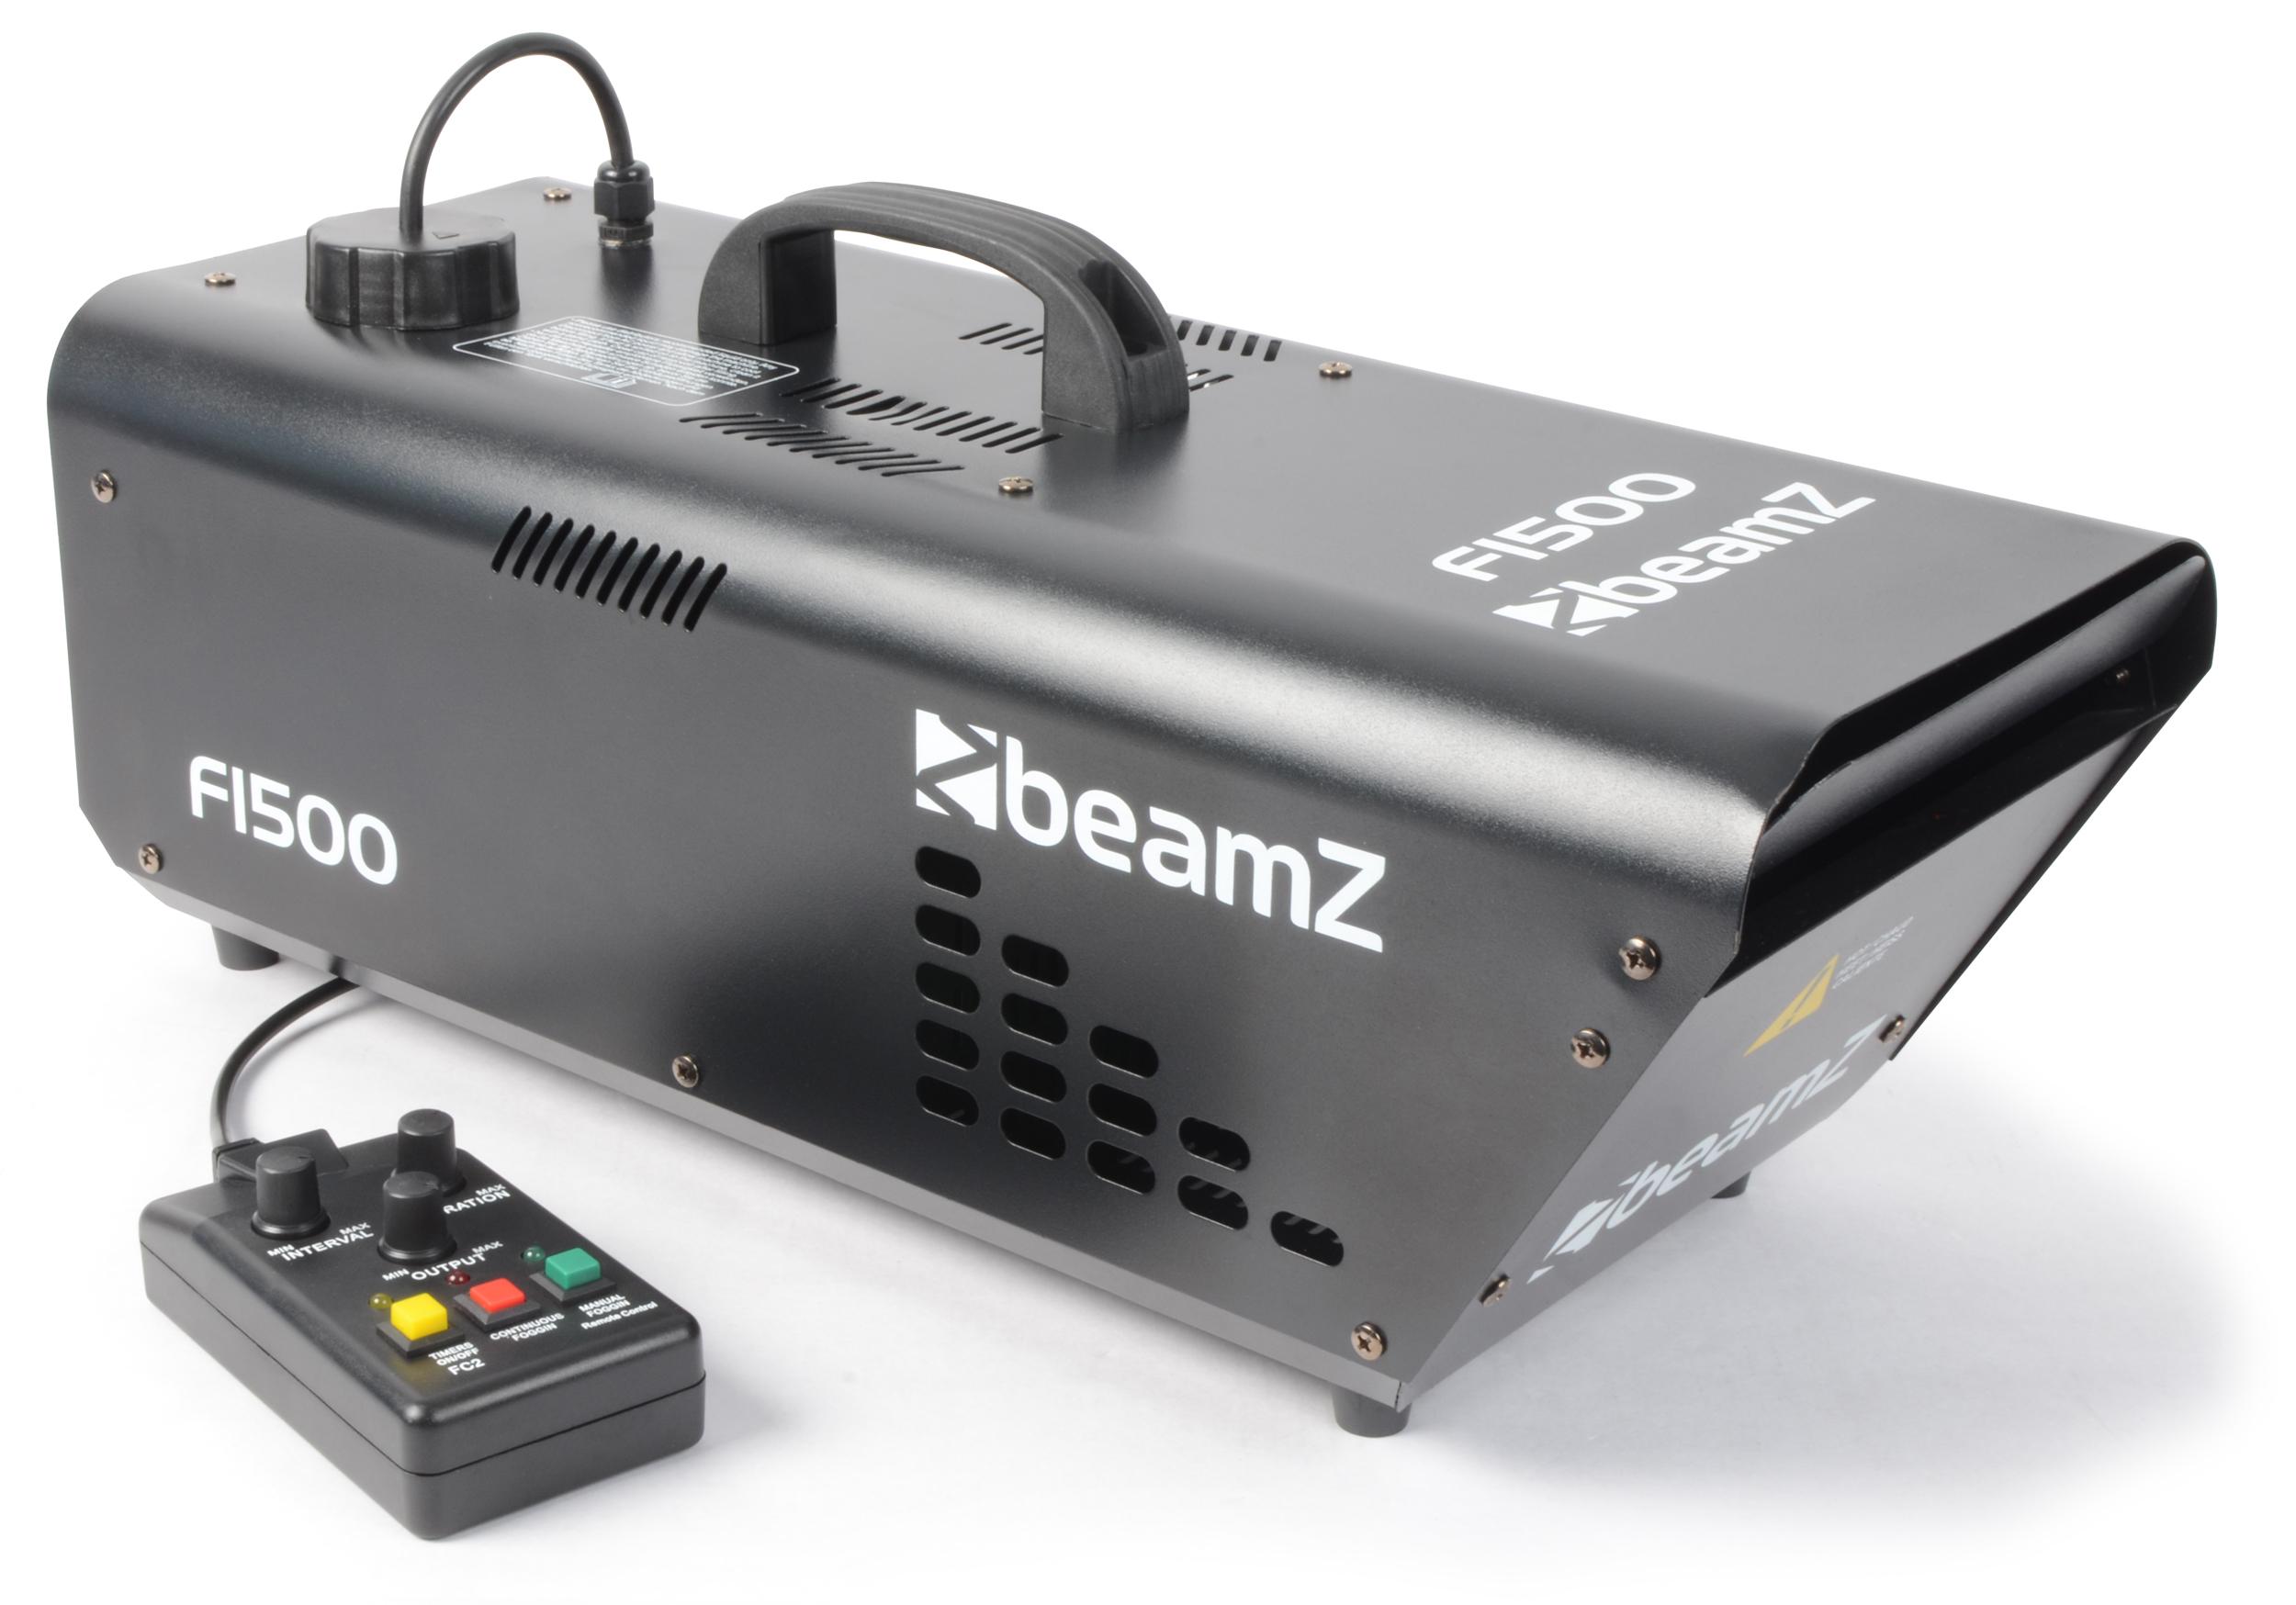 Fotografie BeamZ F-1500 Fazer DMX s dálkovým ovladačem, výrobník mlhy